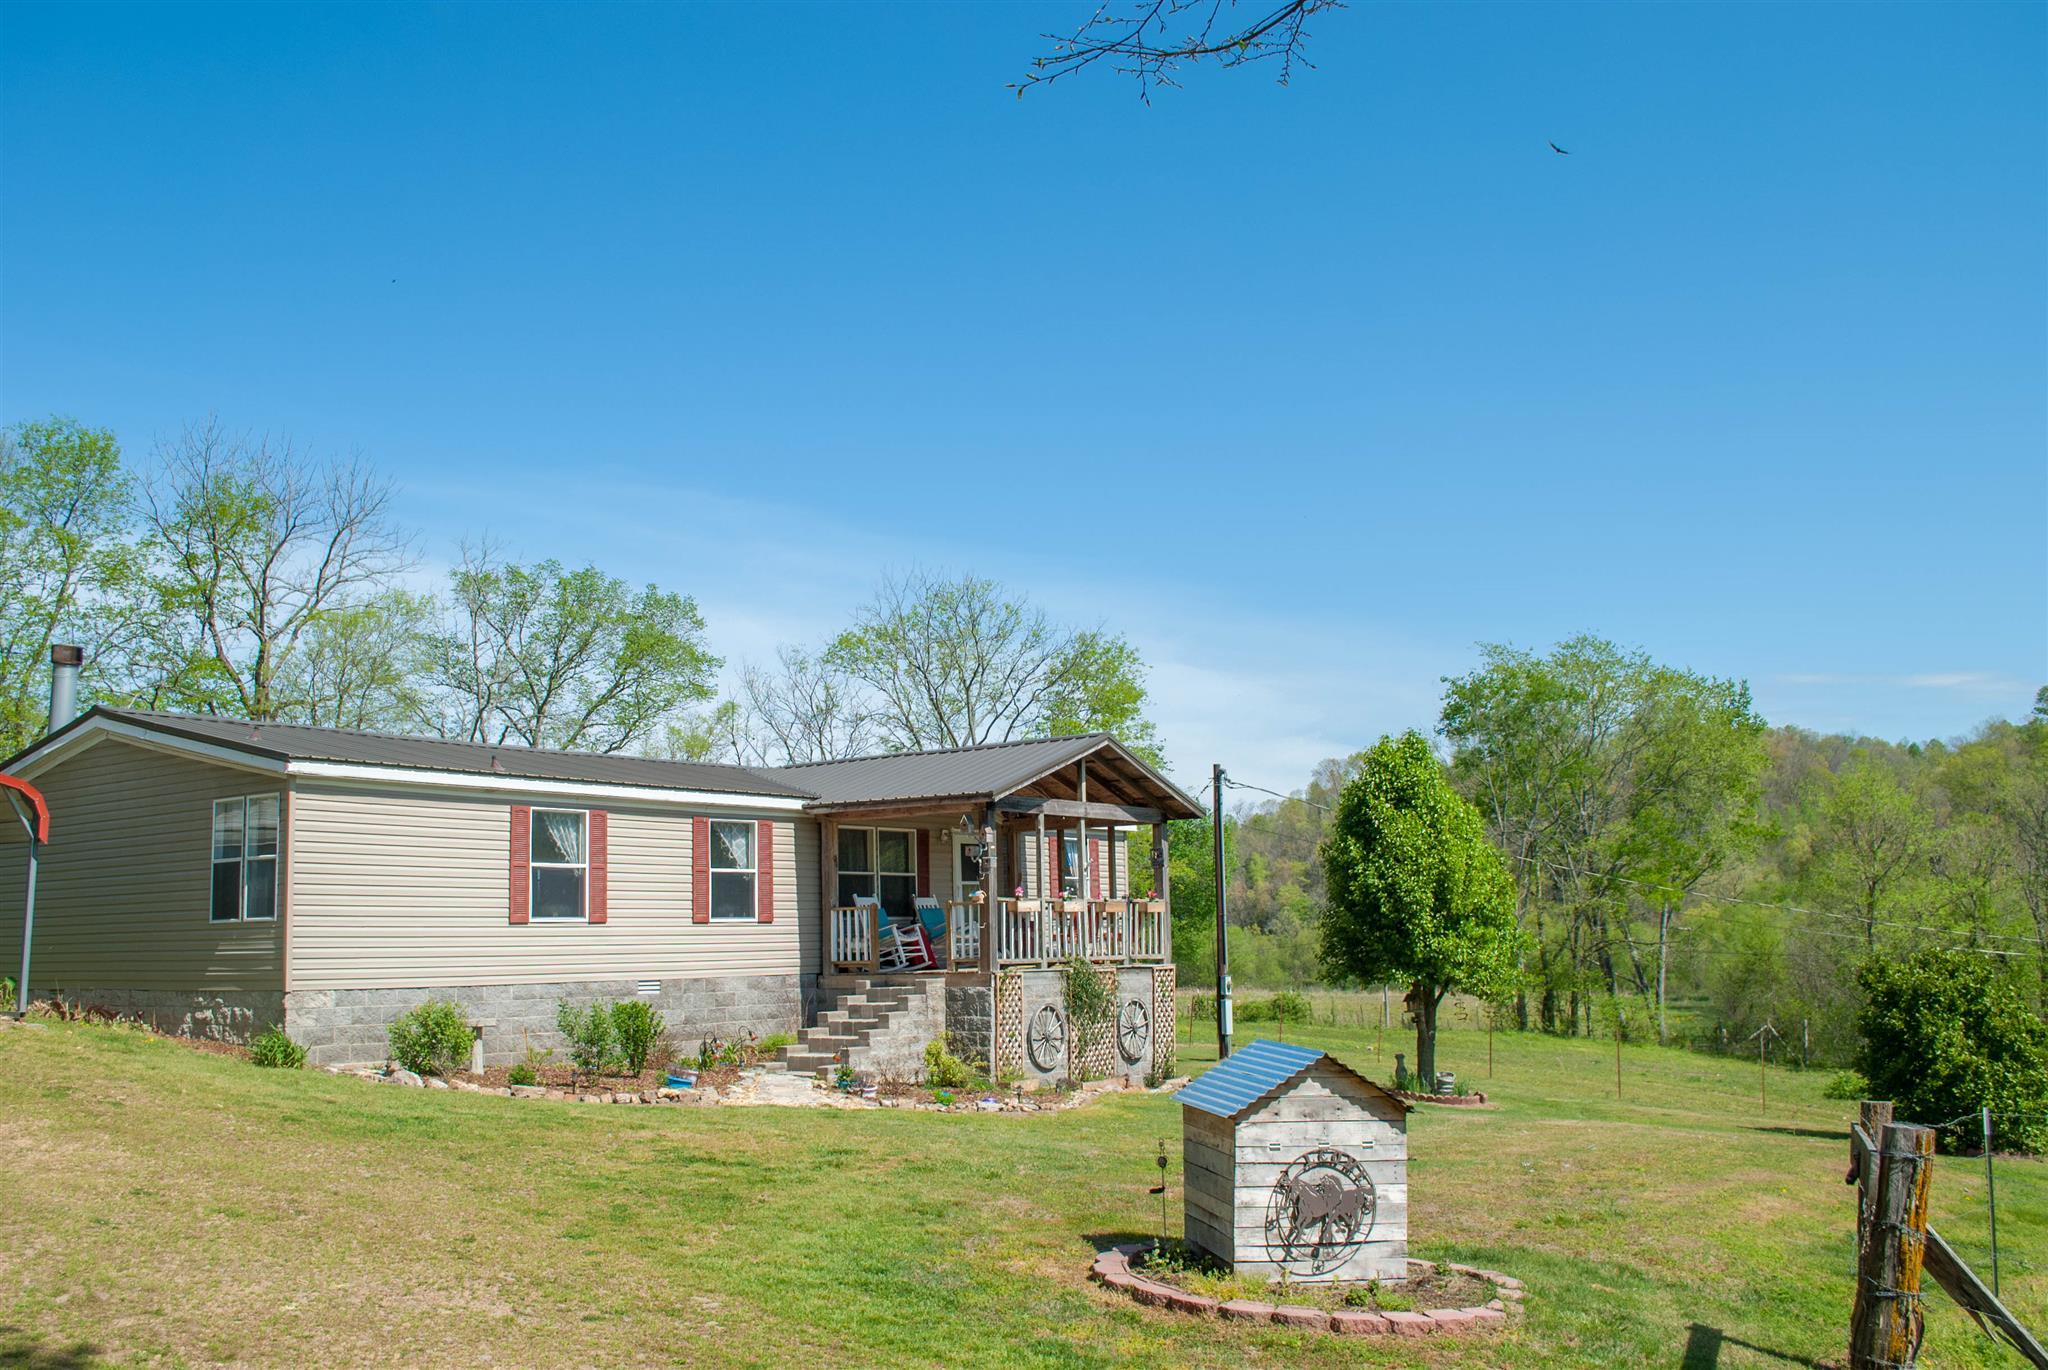 13601 Campbellsville Rd, Lynnville, TN 38472